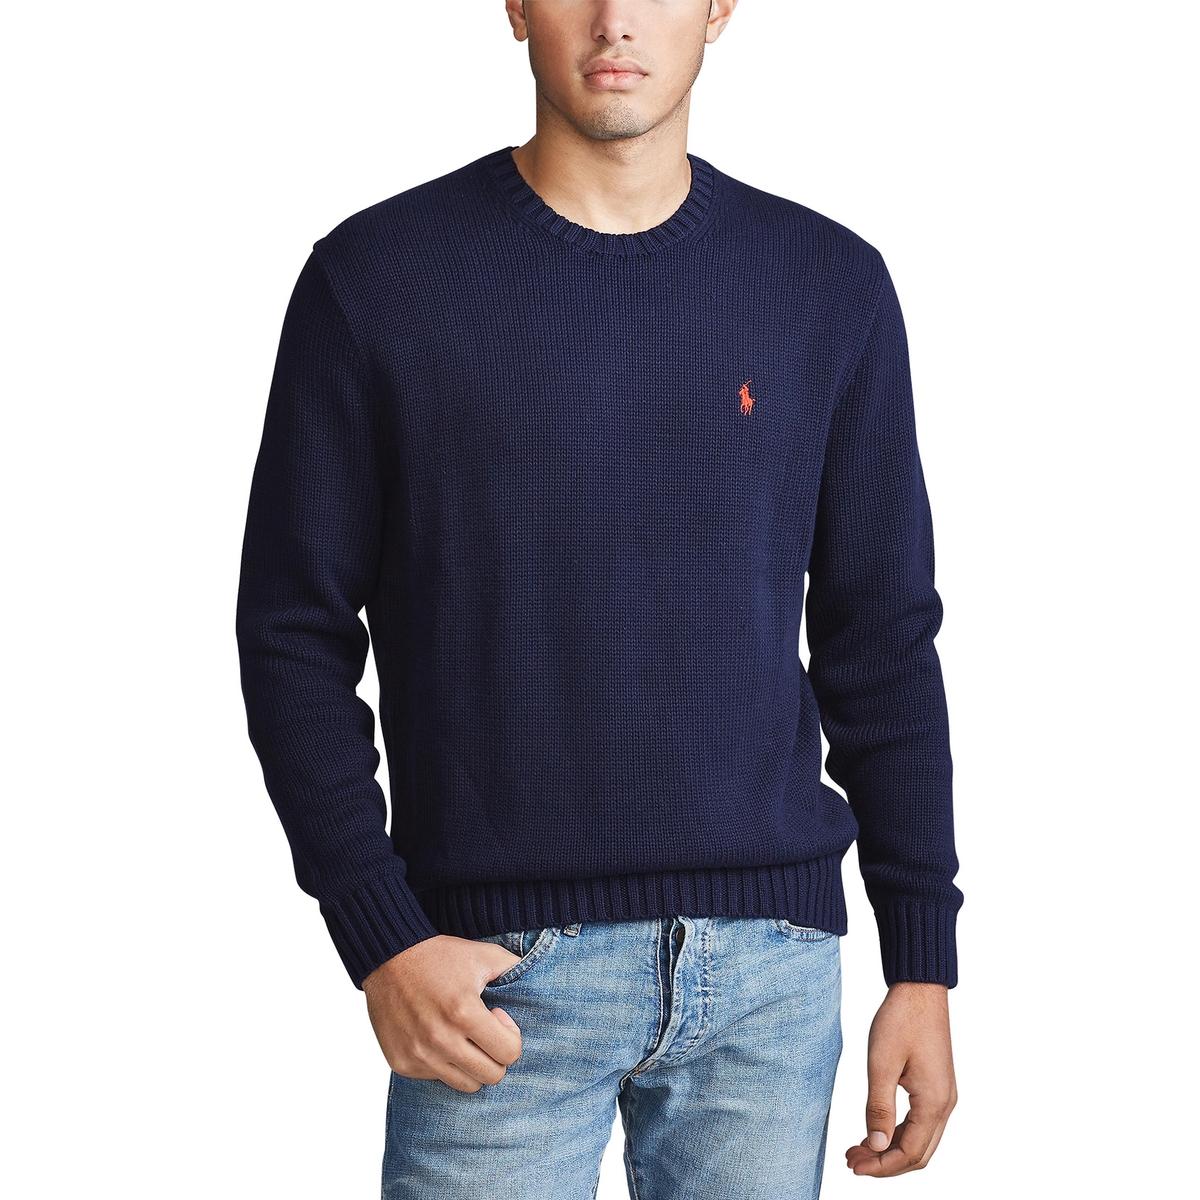 Пуловер La Redoute Хлопковый с круглым вырезом L синий пуловер la redoute с круглым вырезом из шерсти мериноса pascal 3xl черный